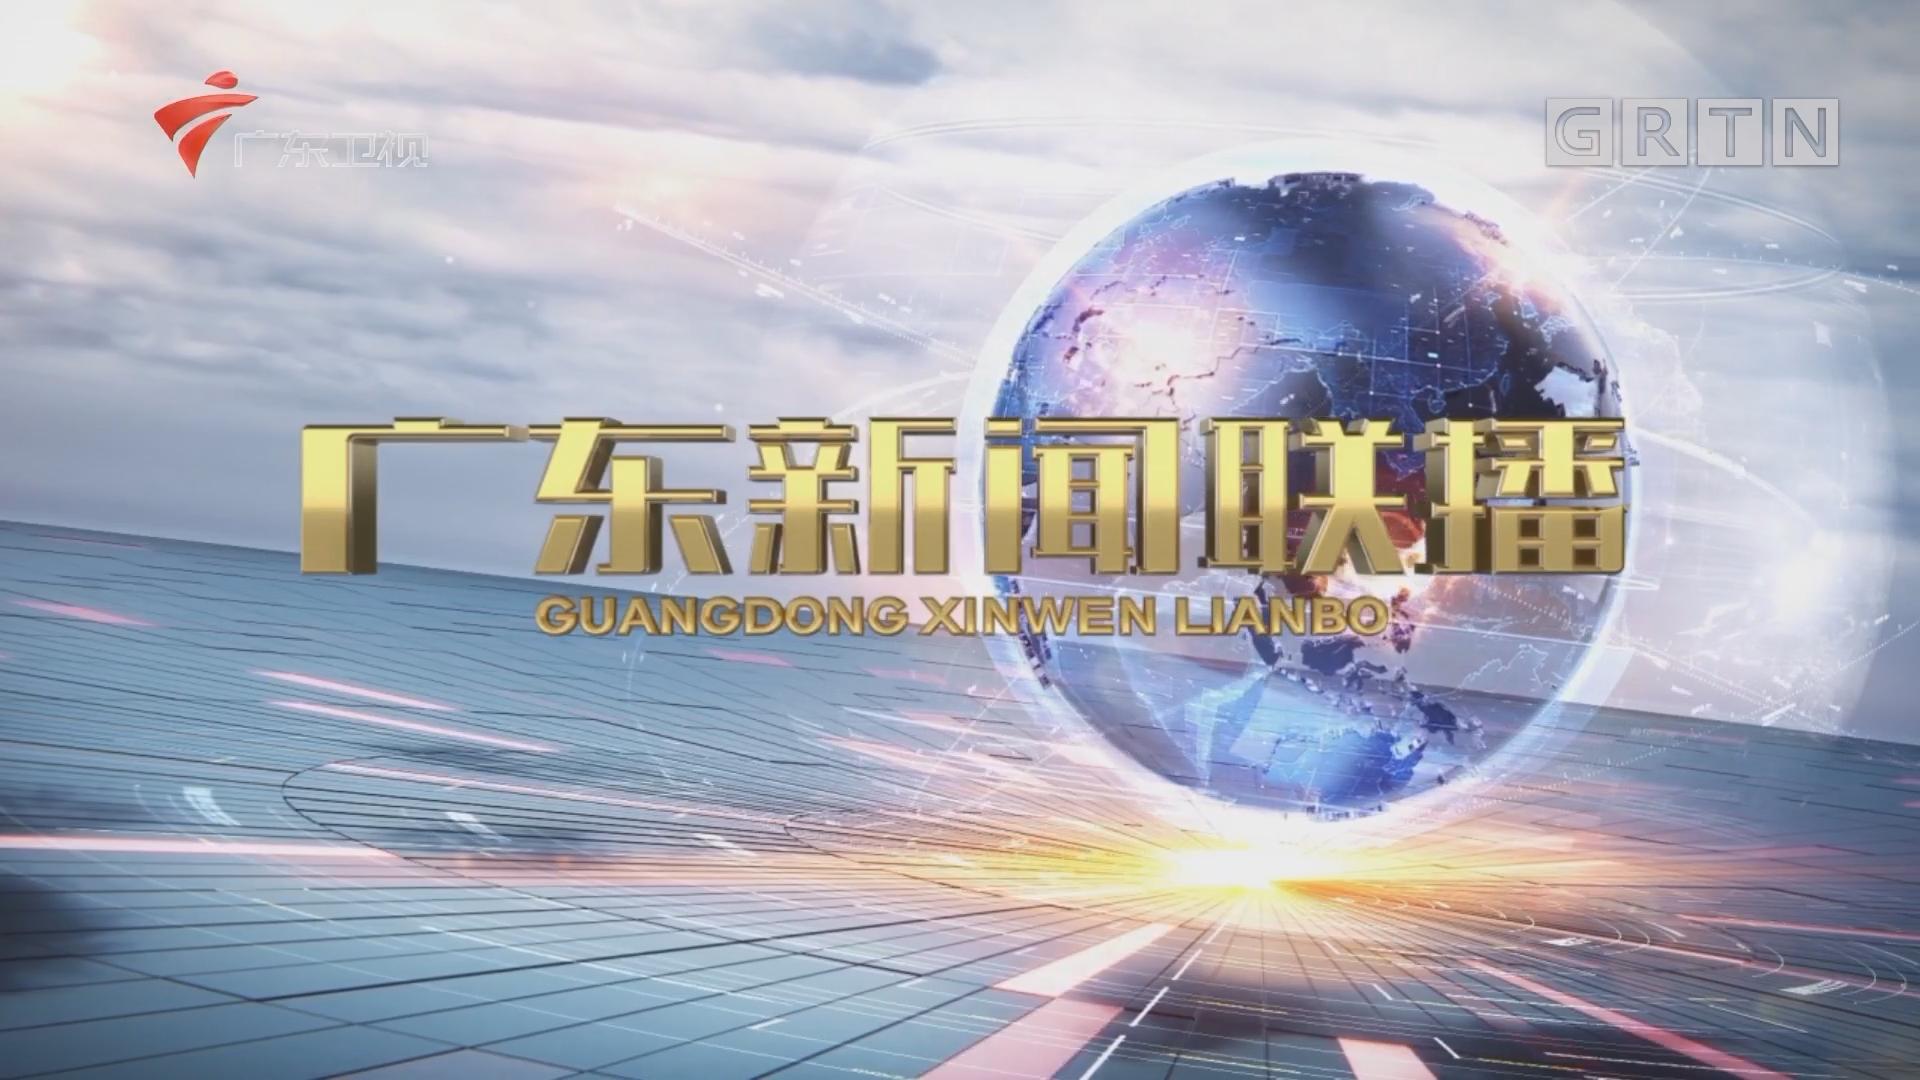 """[HD][2019-09-01]广东新闻联播:广深港澳科技创新走廊:架起大湾区的创新""""脊梁"""""""